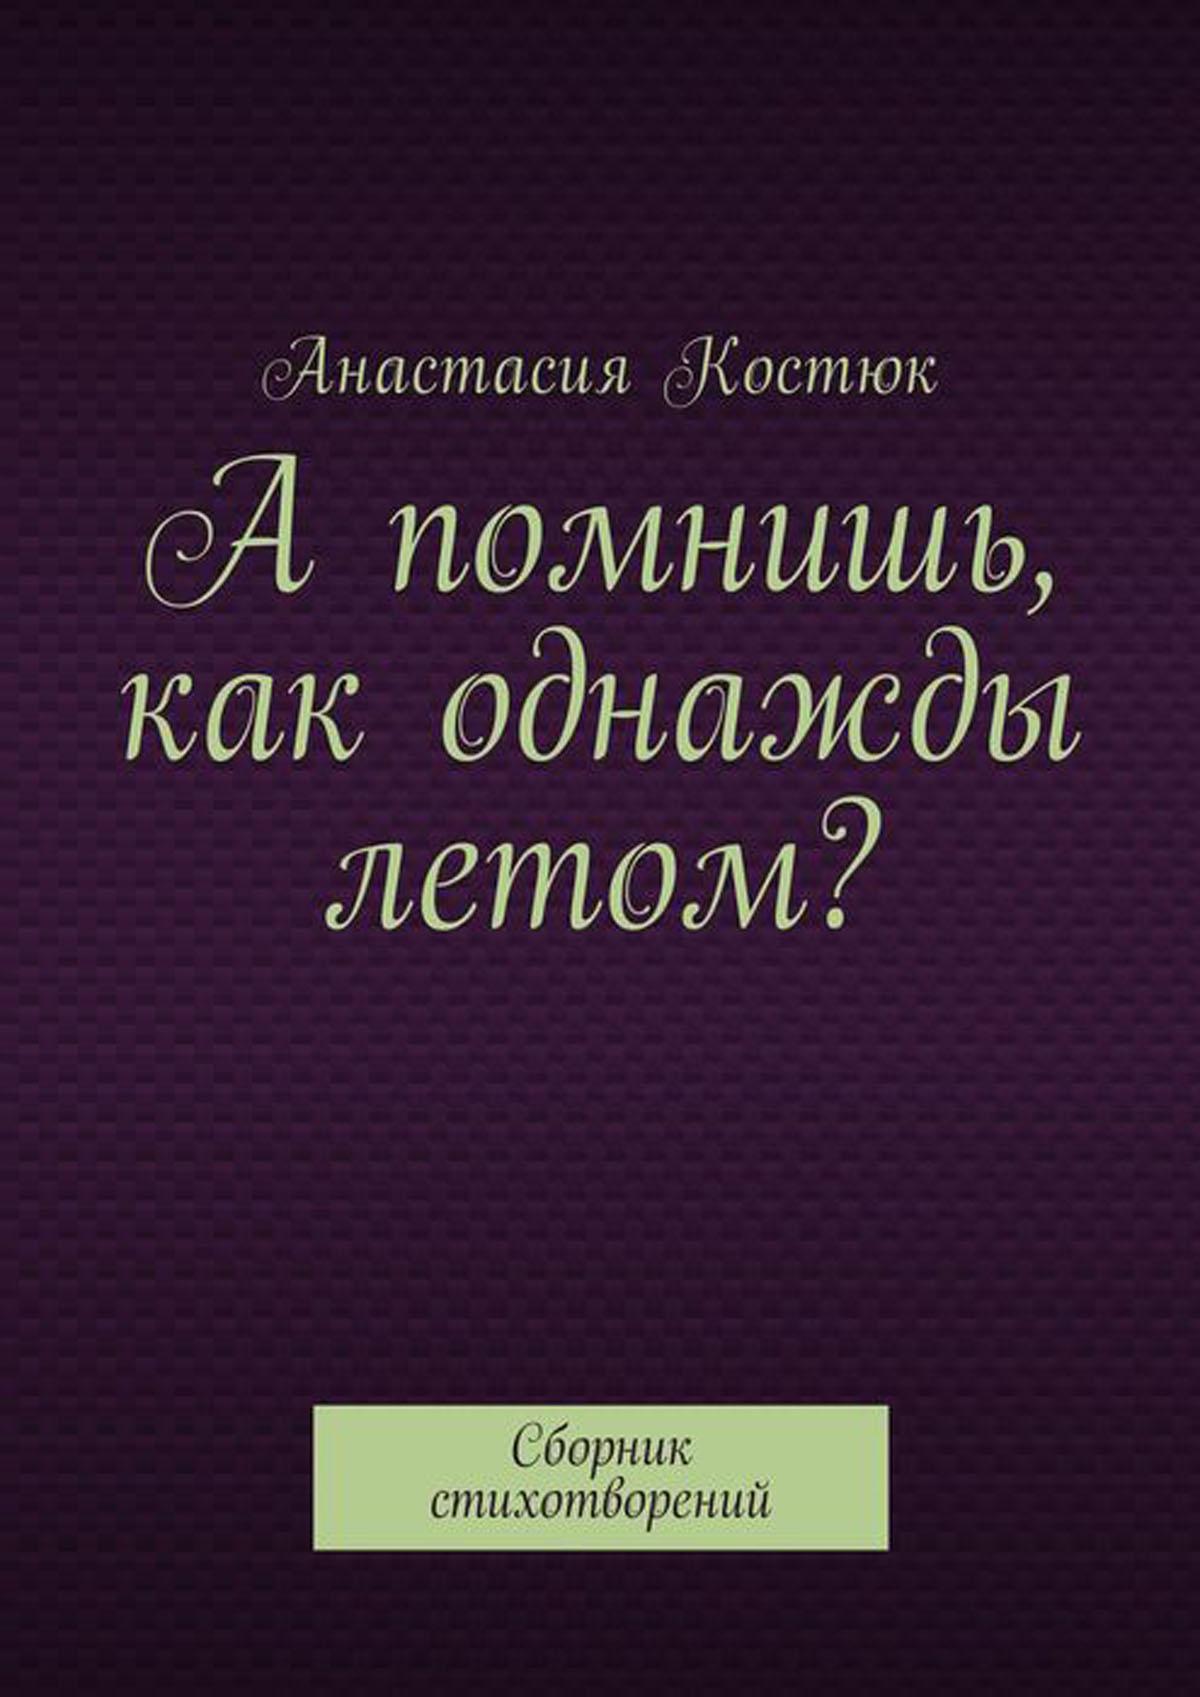 Костюк Анастасия А помнишь, как однажды летом?. Сборник стихотворений